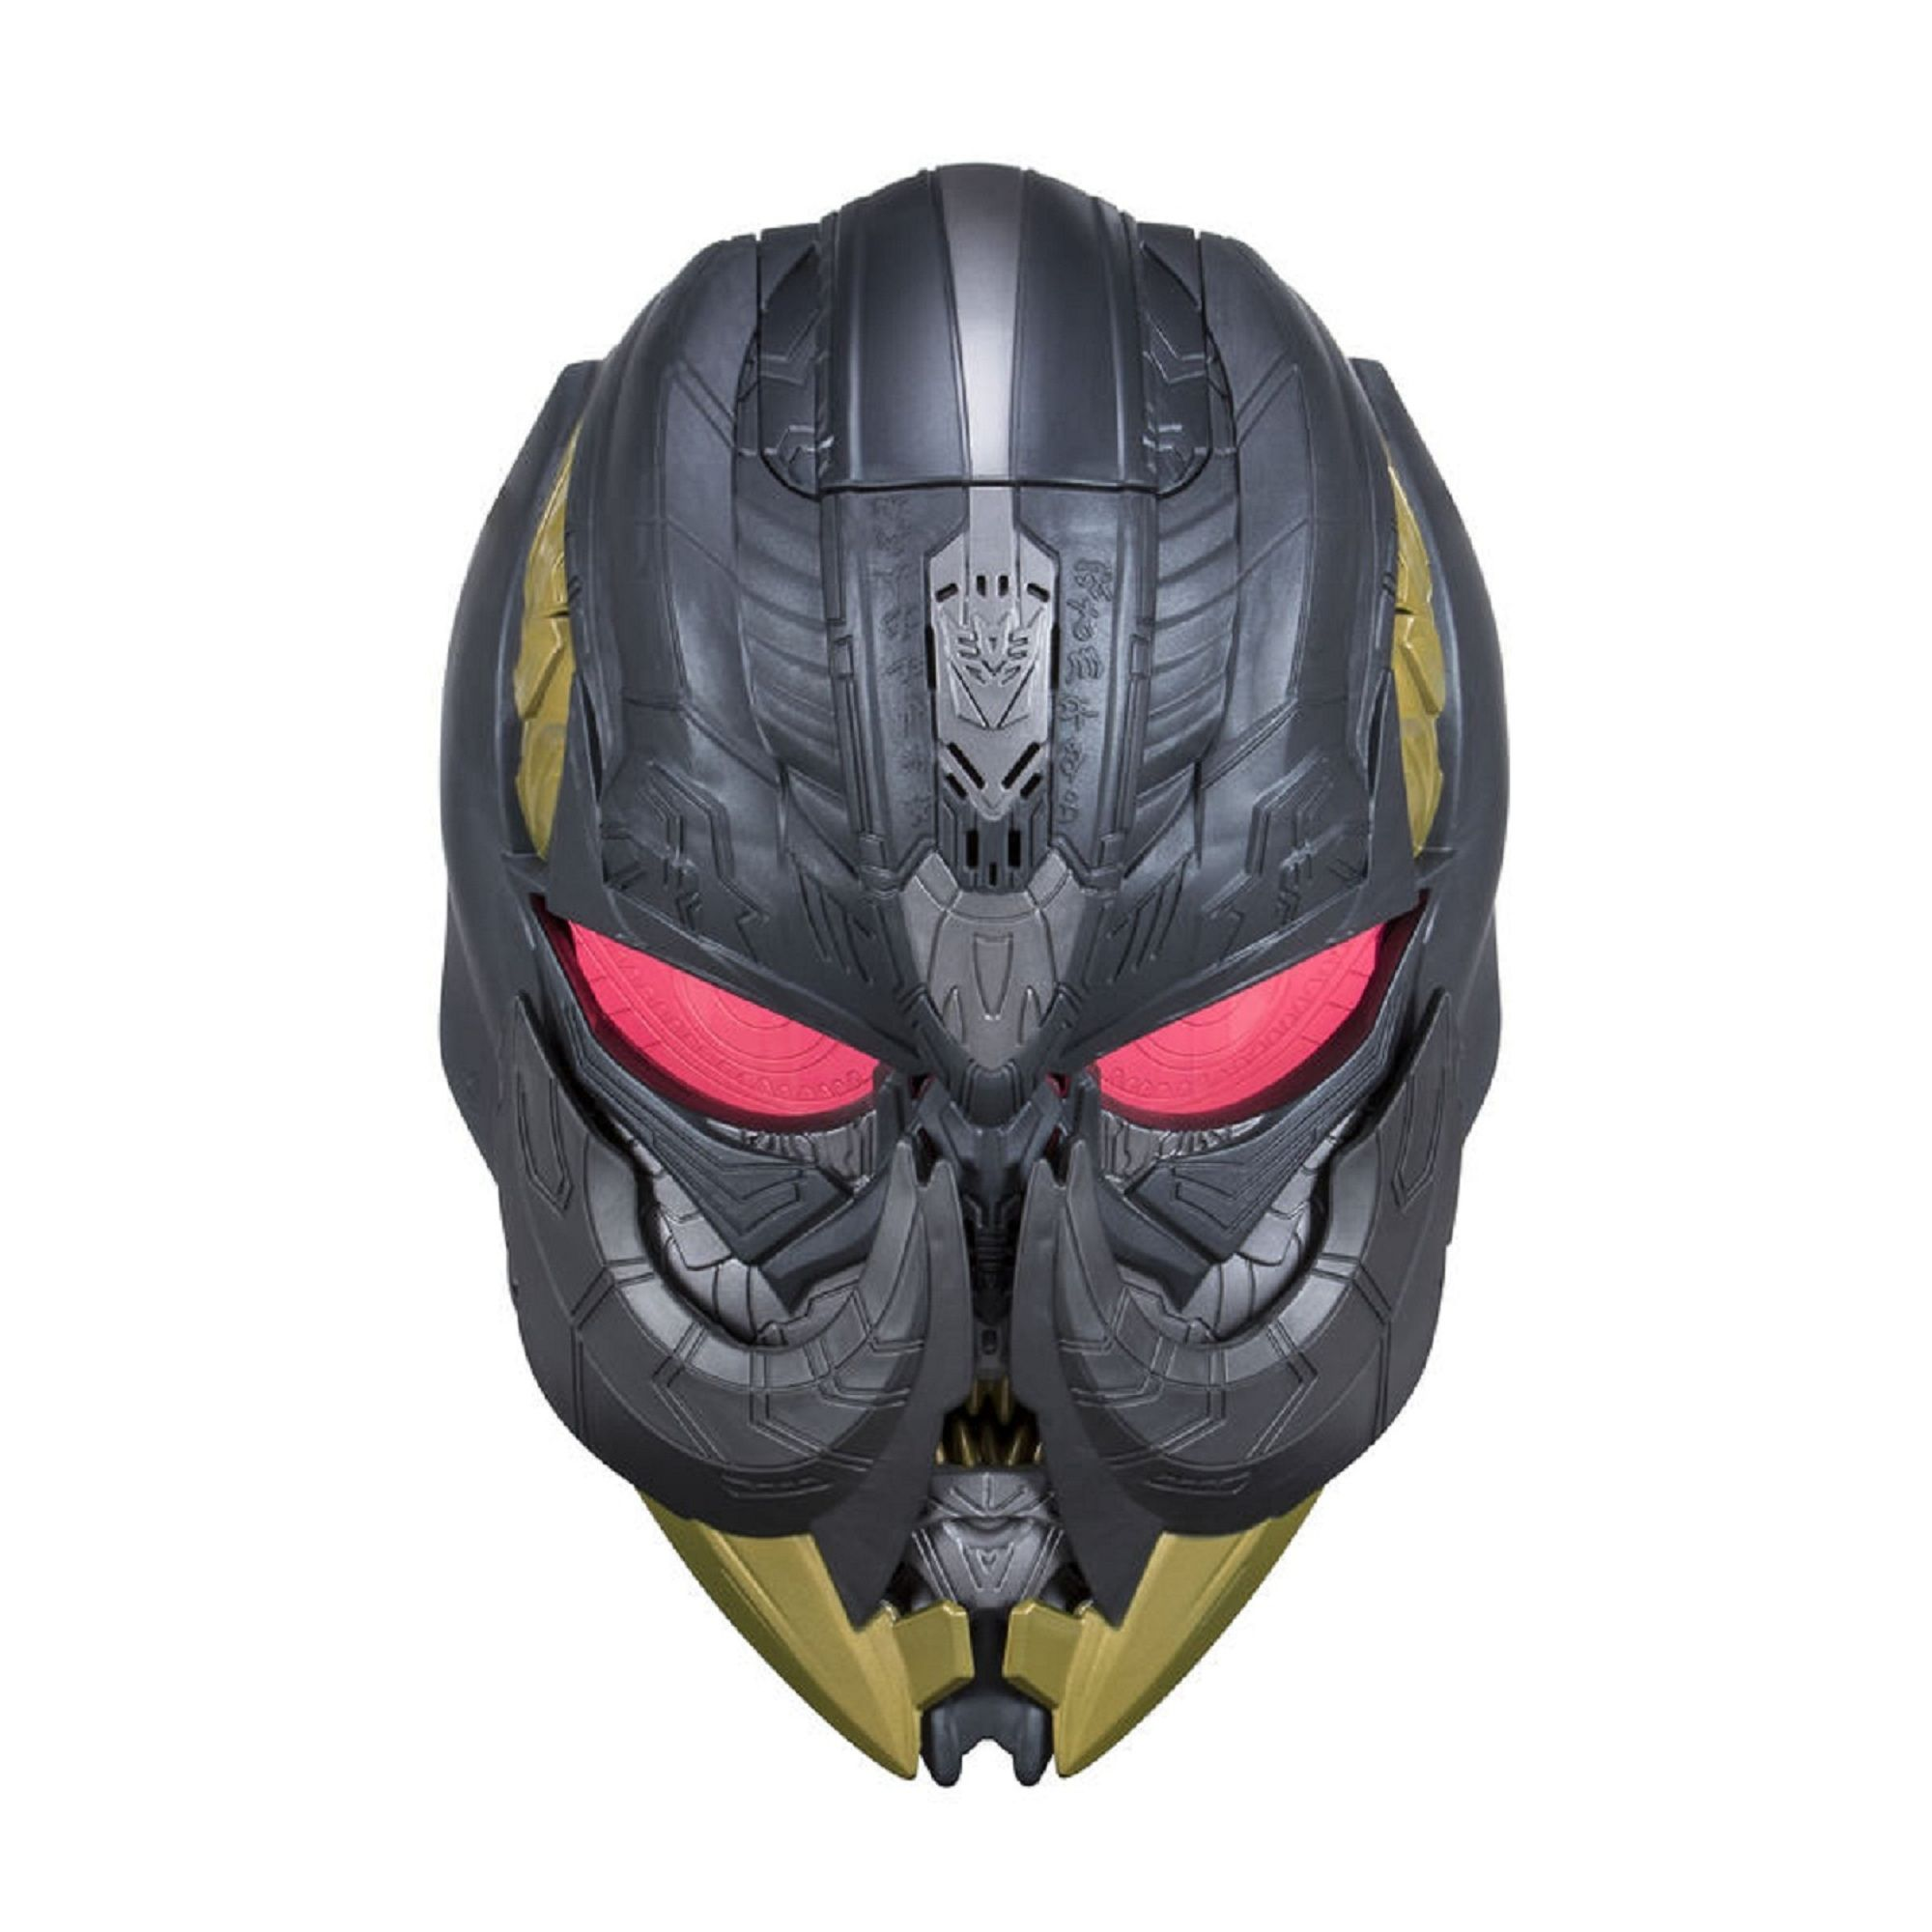 """Электронная маска """"Трансформеры 5: Последний рыцарь"""" - Мегатрон (звук)"""